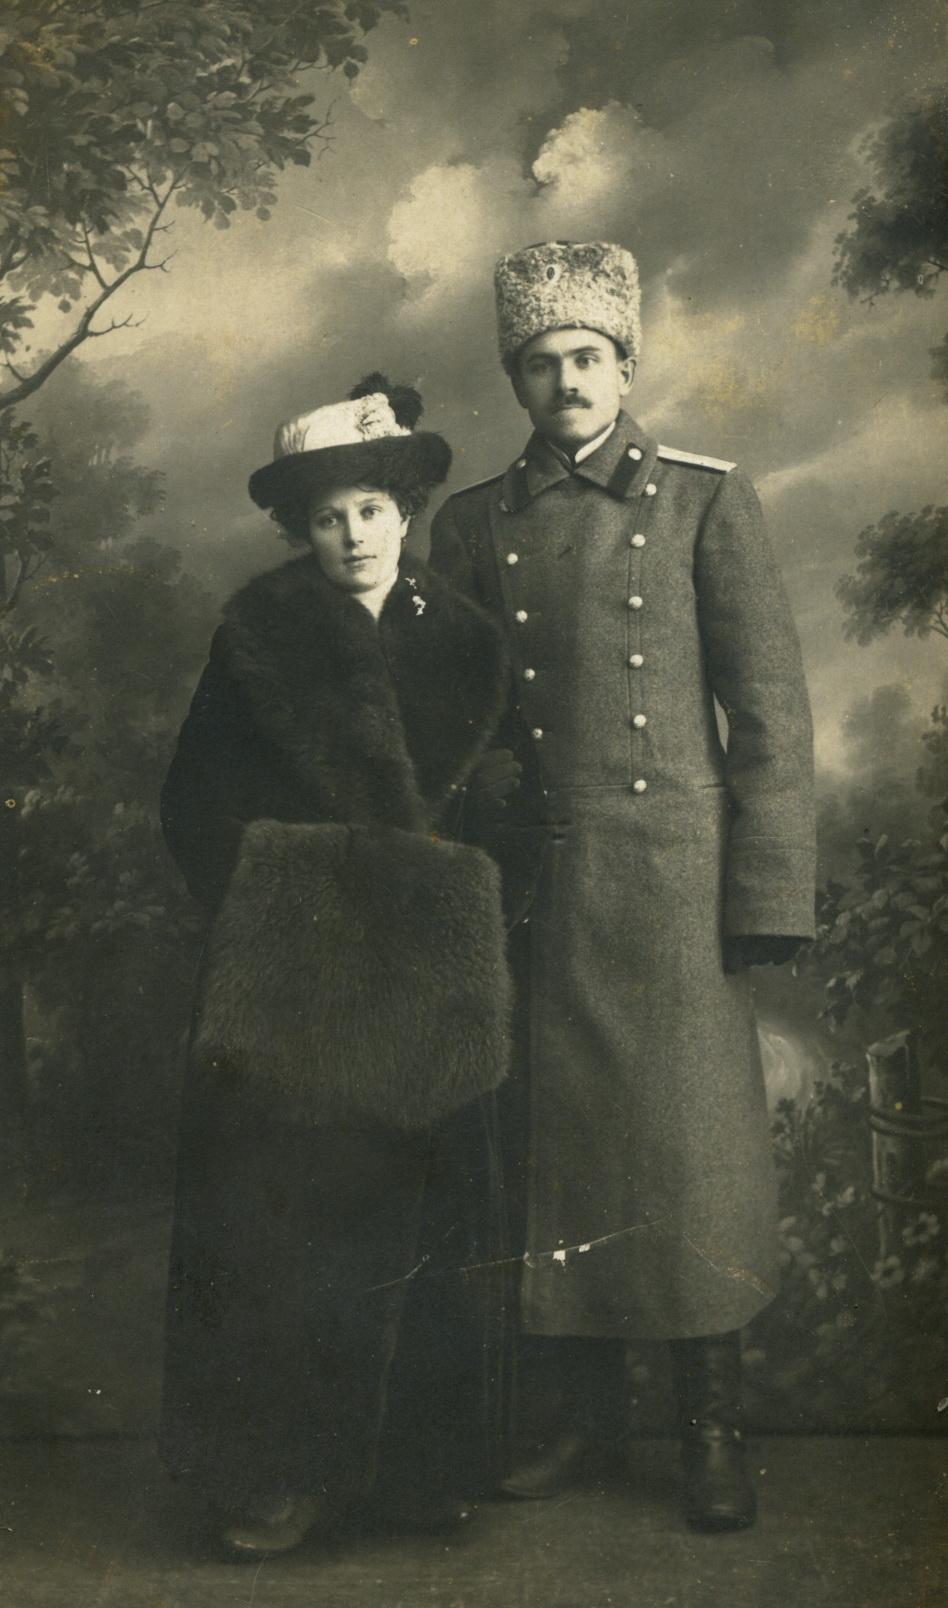 Аркадий Викторович Попов с женой Лидией. 20.03.1915